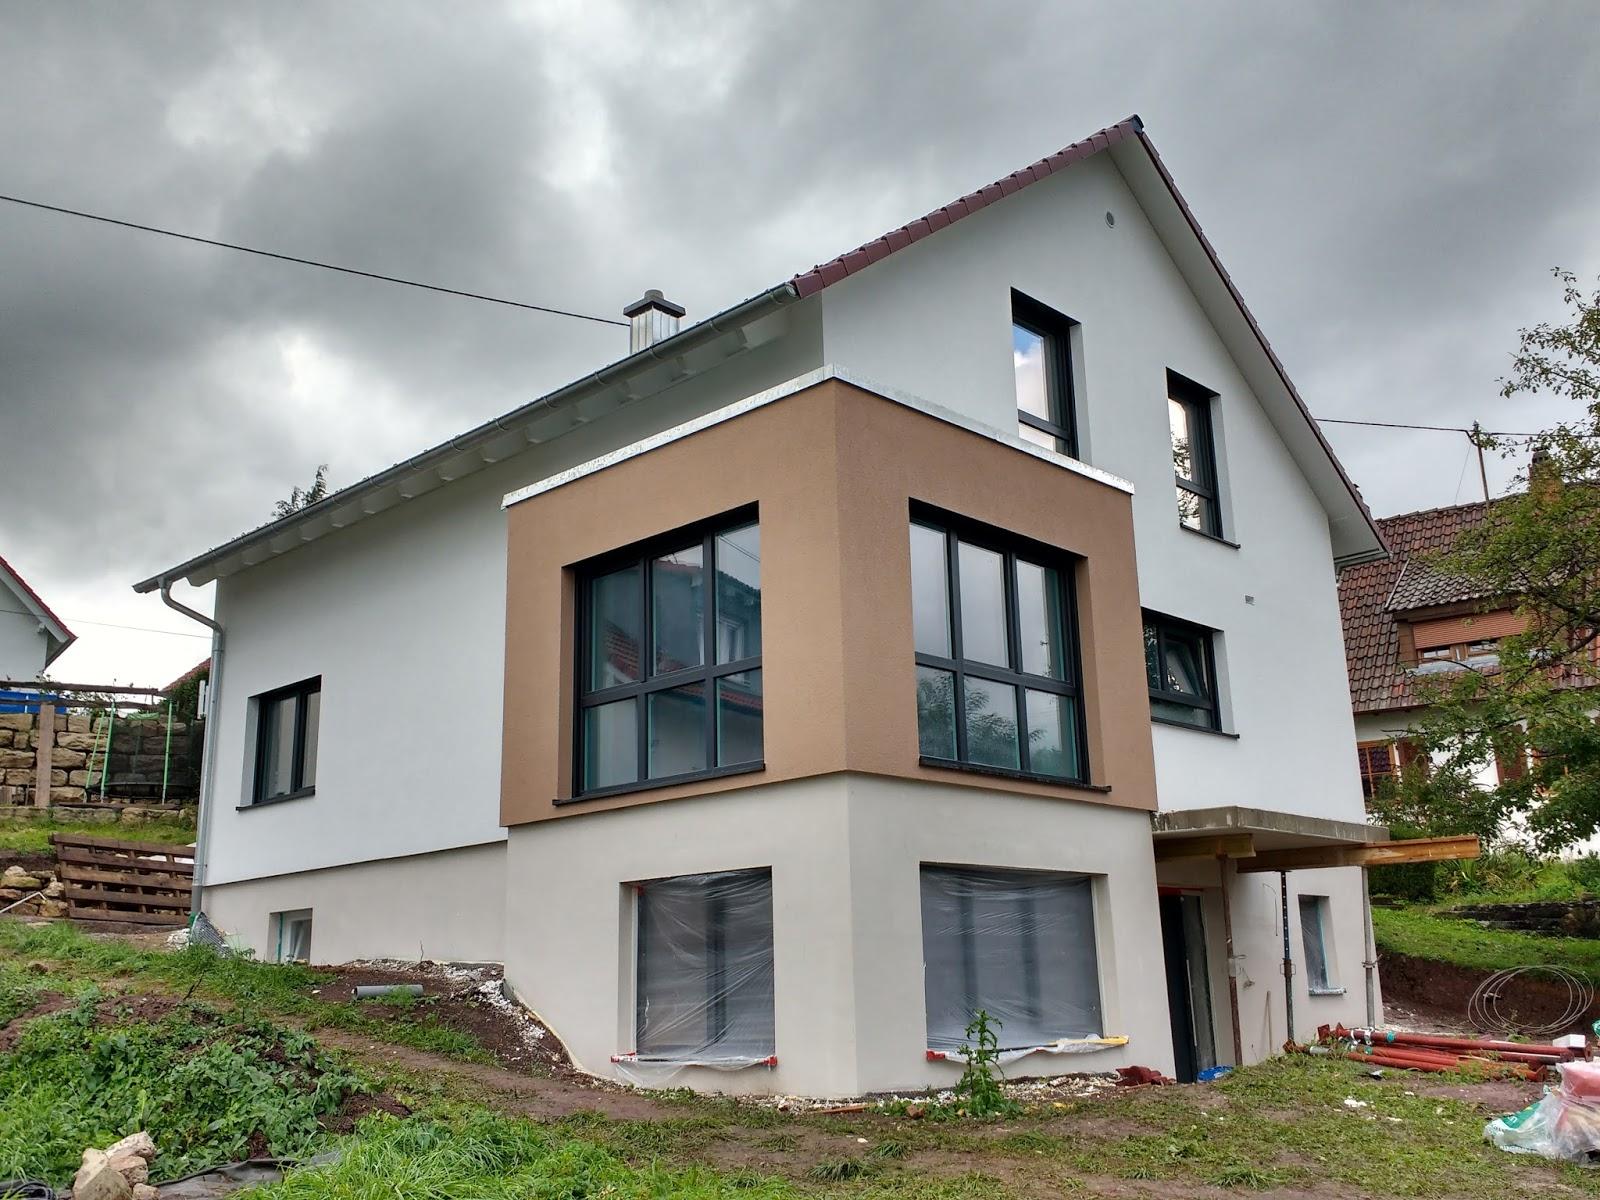 Hauser Massivhaus endlich ohne gerüst wir bauen ein hauser massivhaus